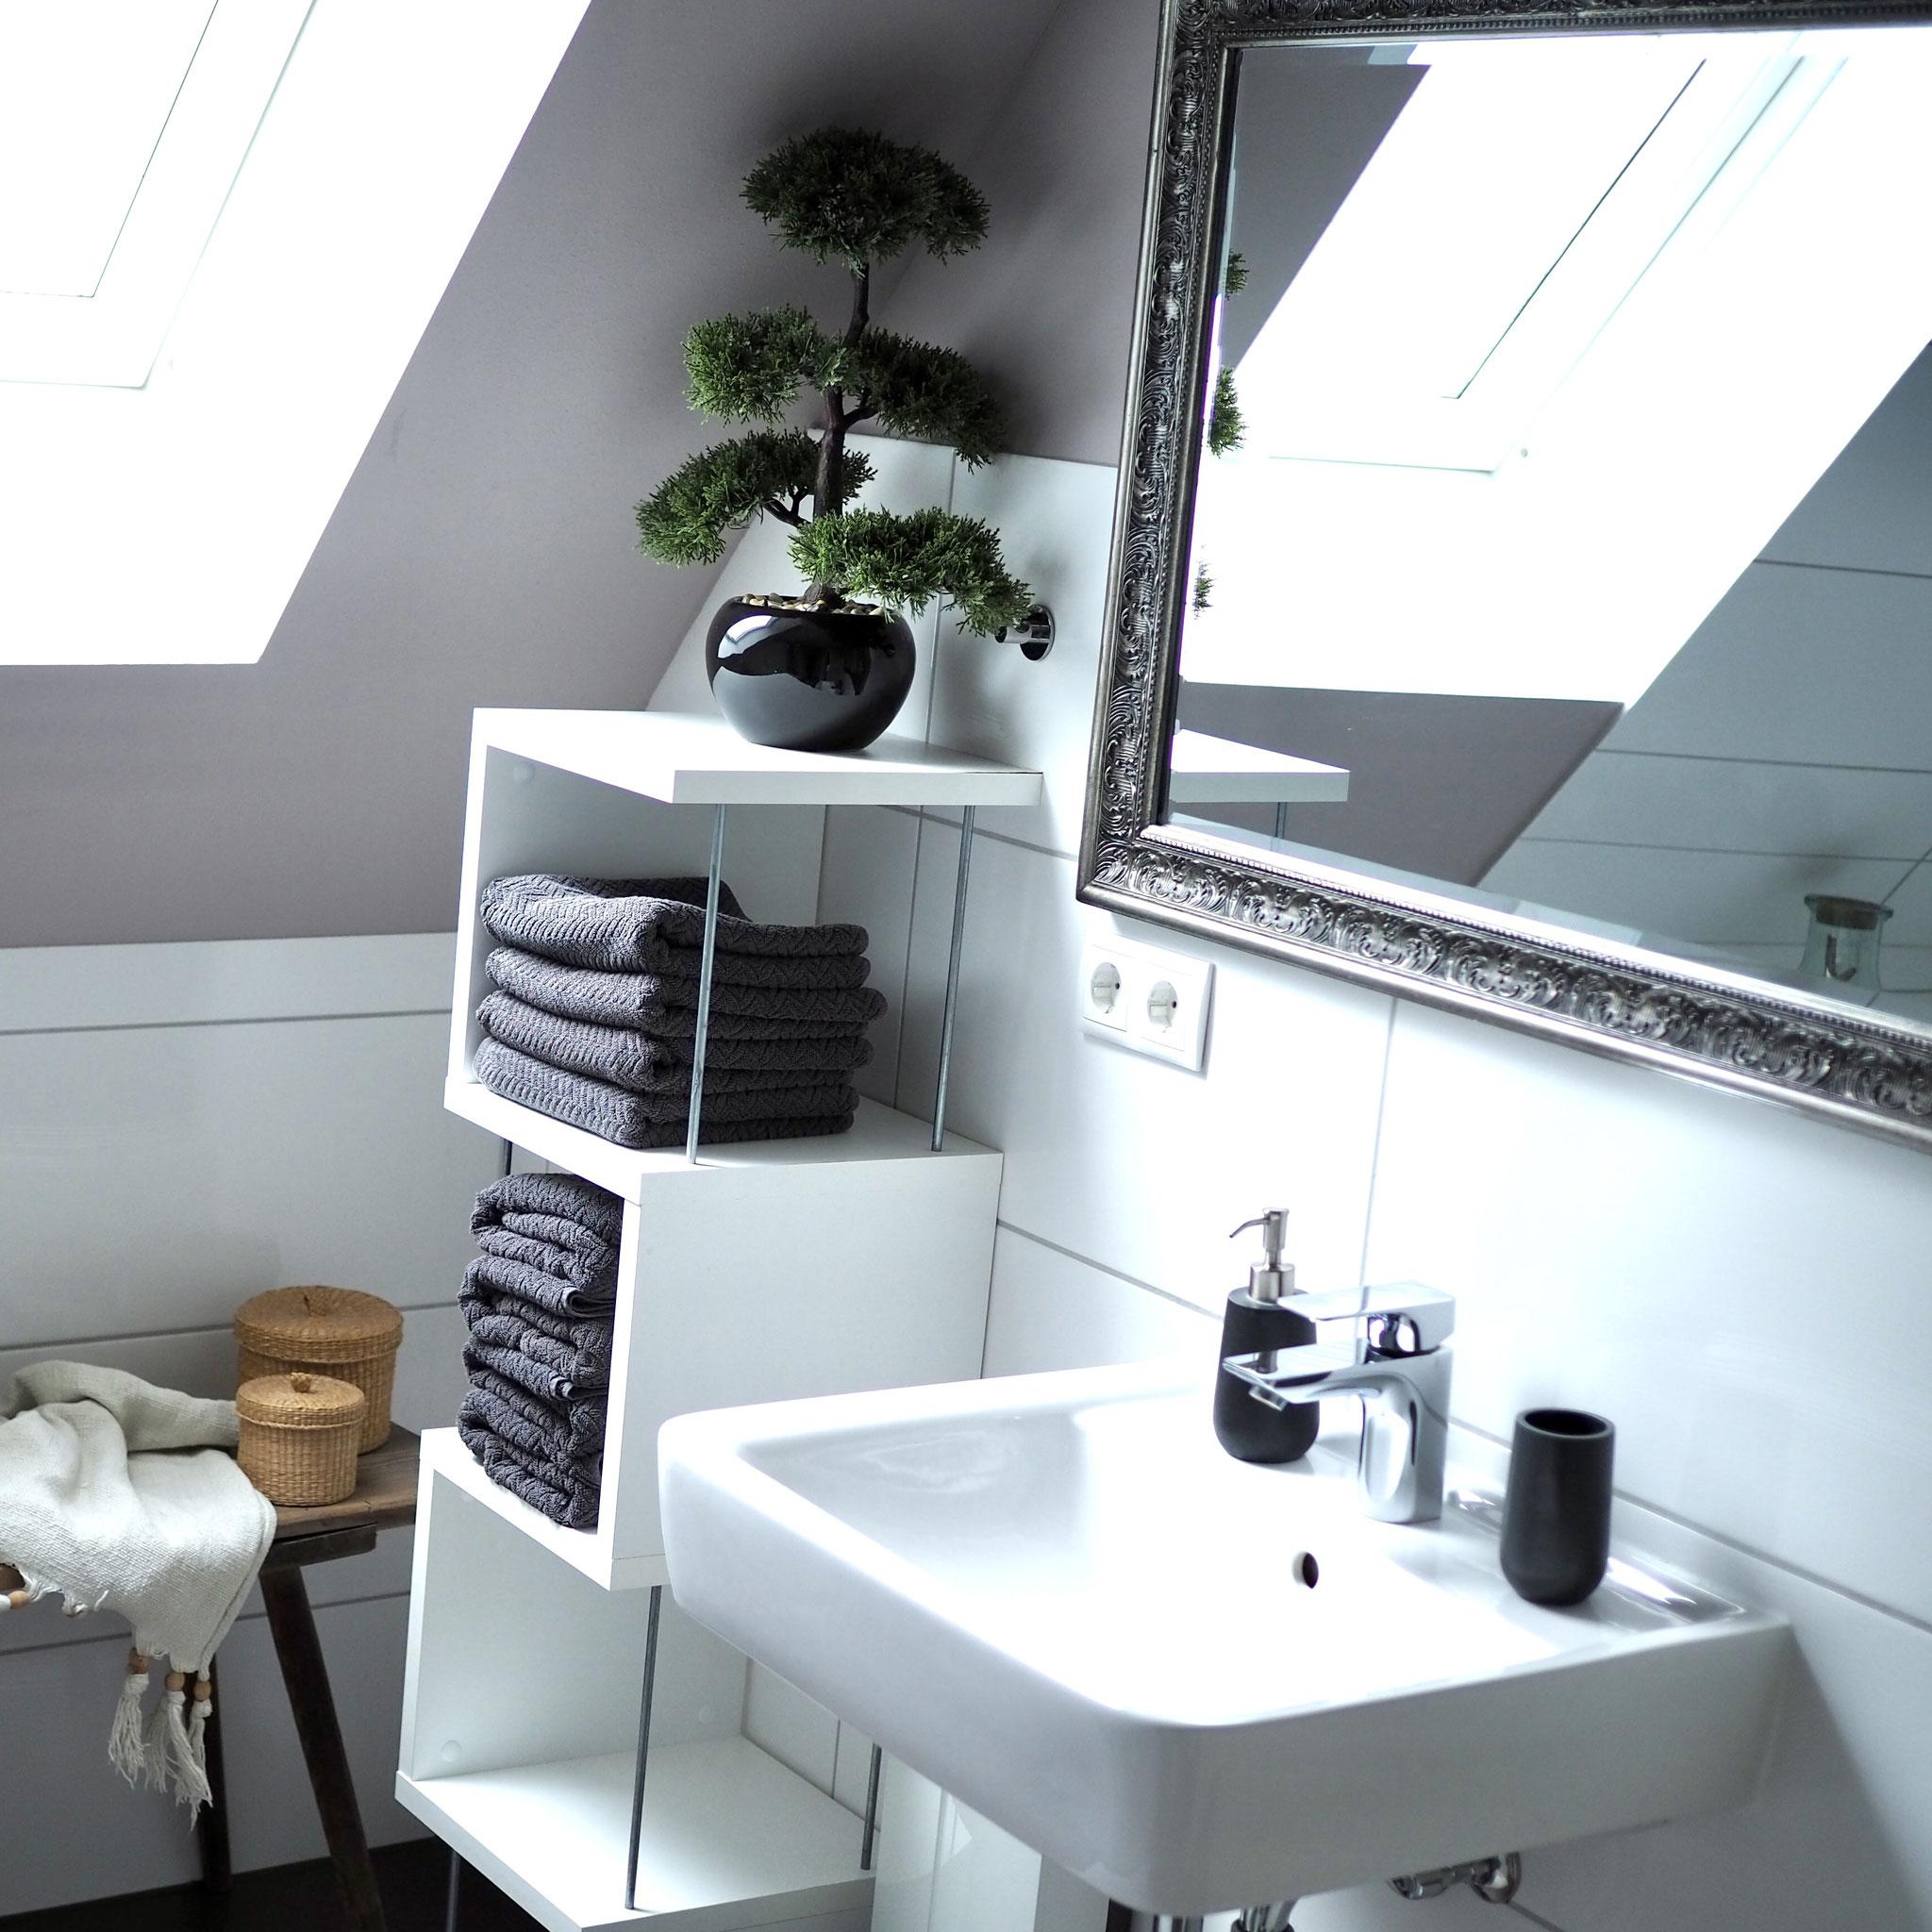 Ferienwohnung Schwerin - modernes Badezimmer mit Badewanne